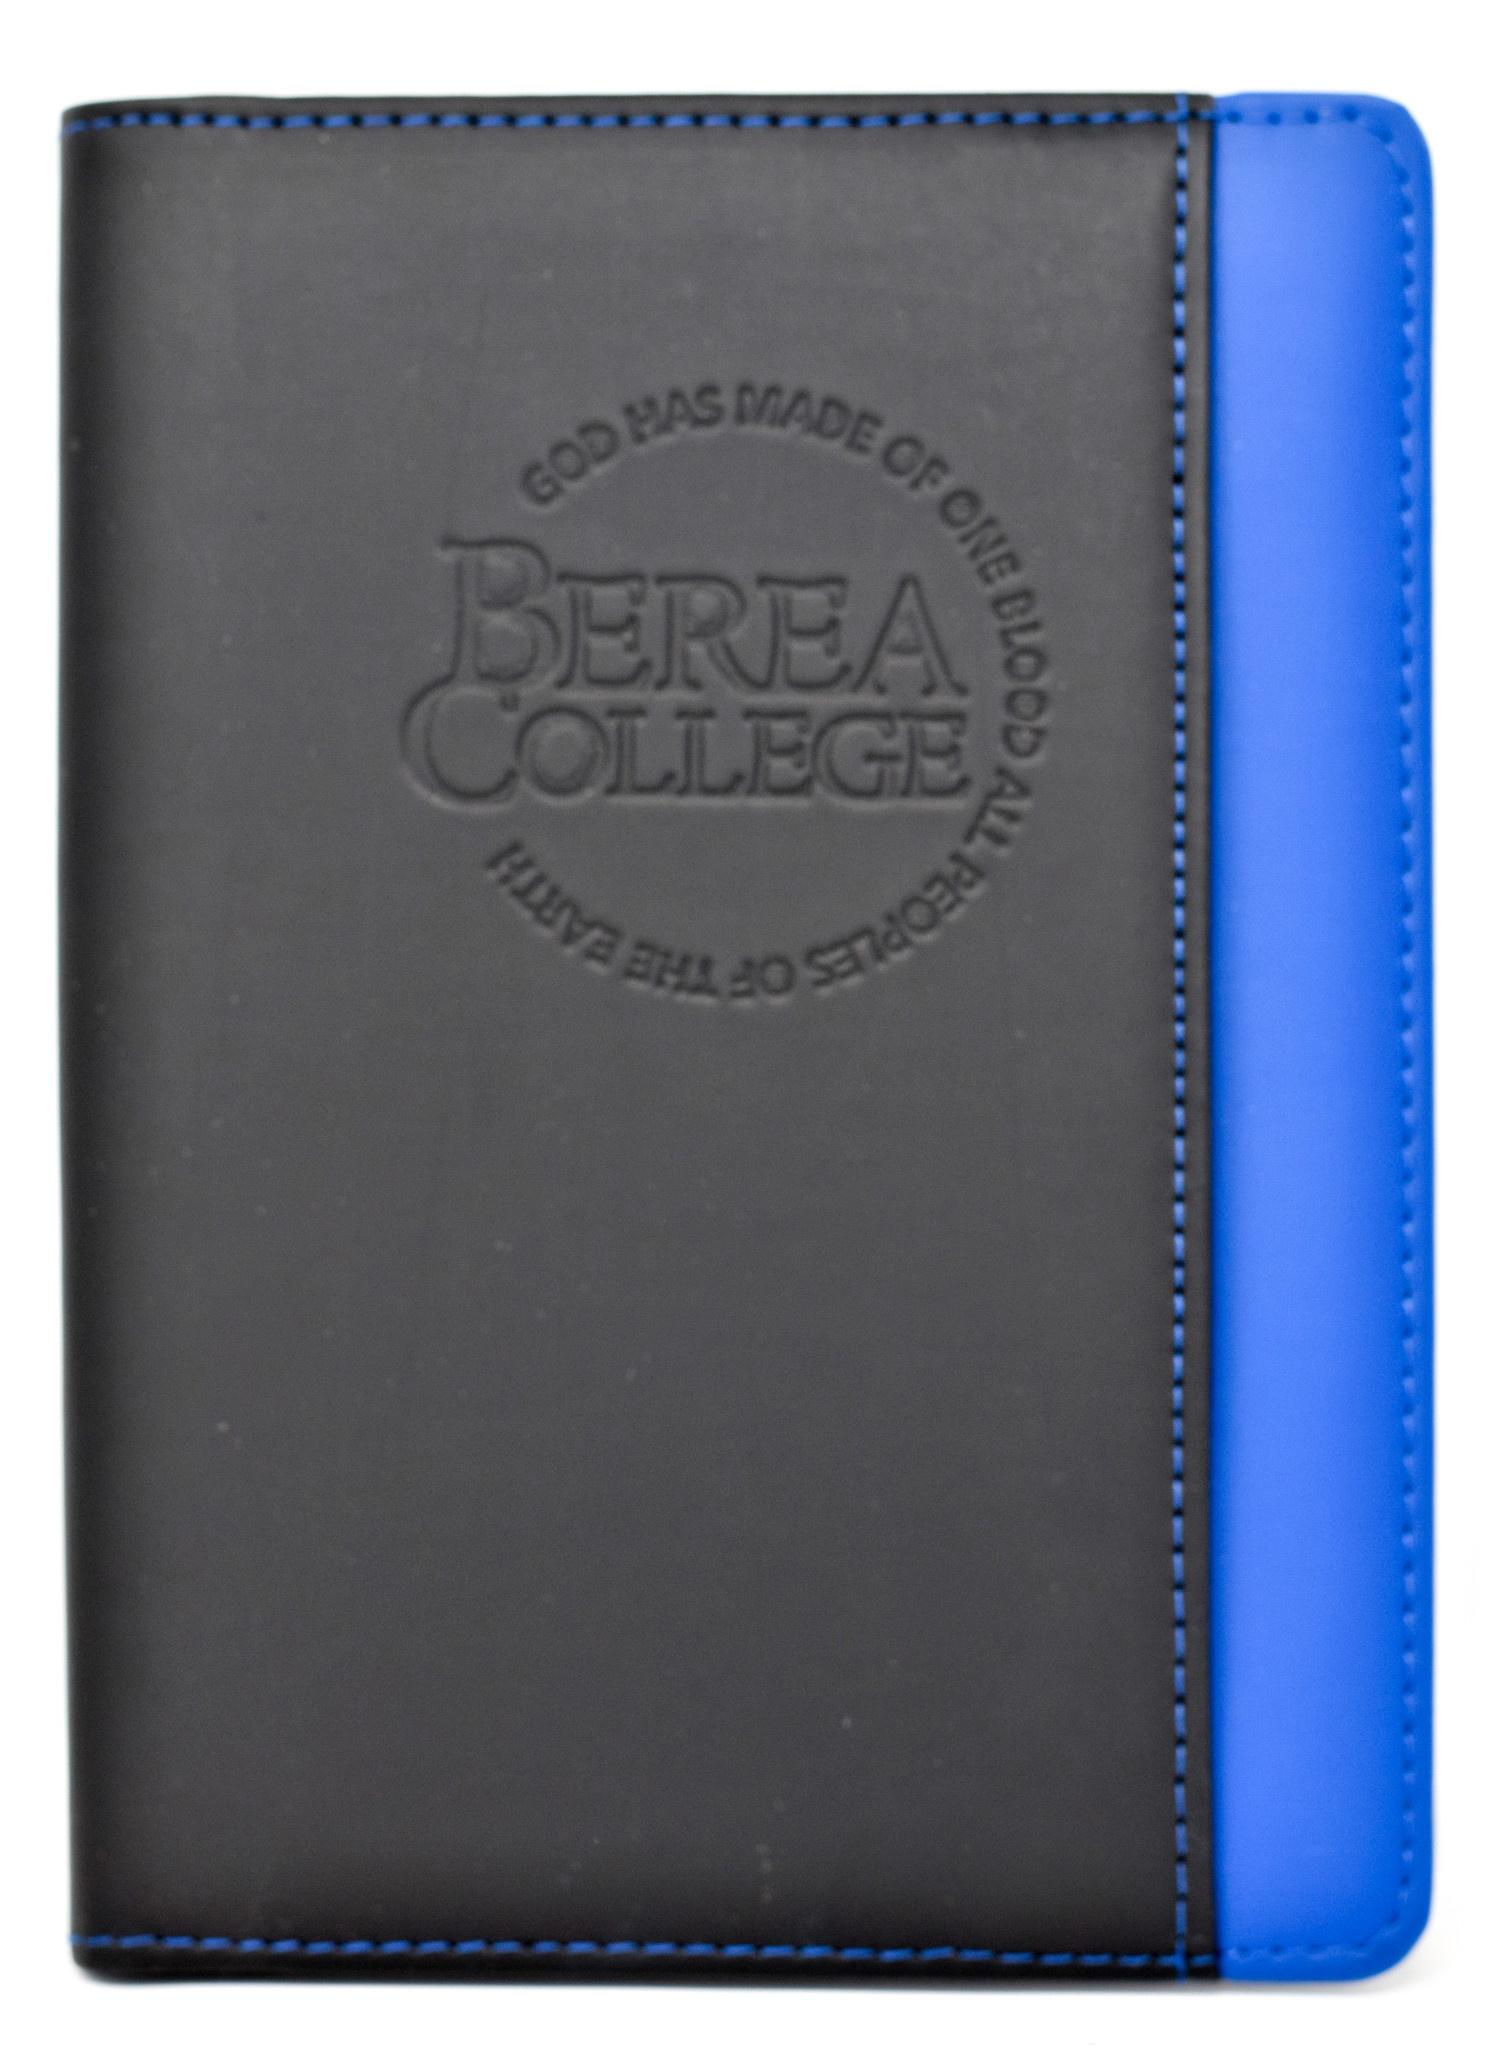 Large Blue and Black Berea College Portfolio-1